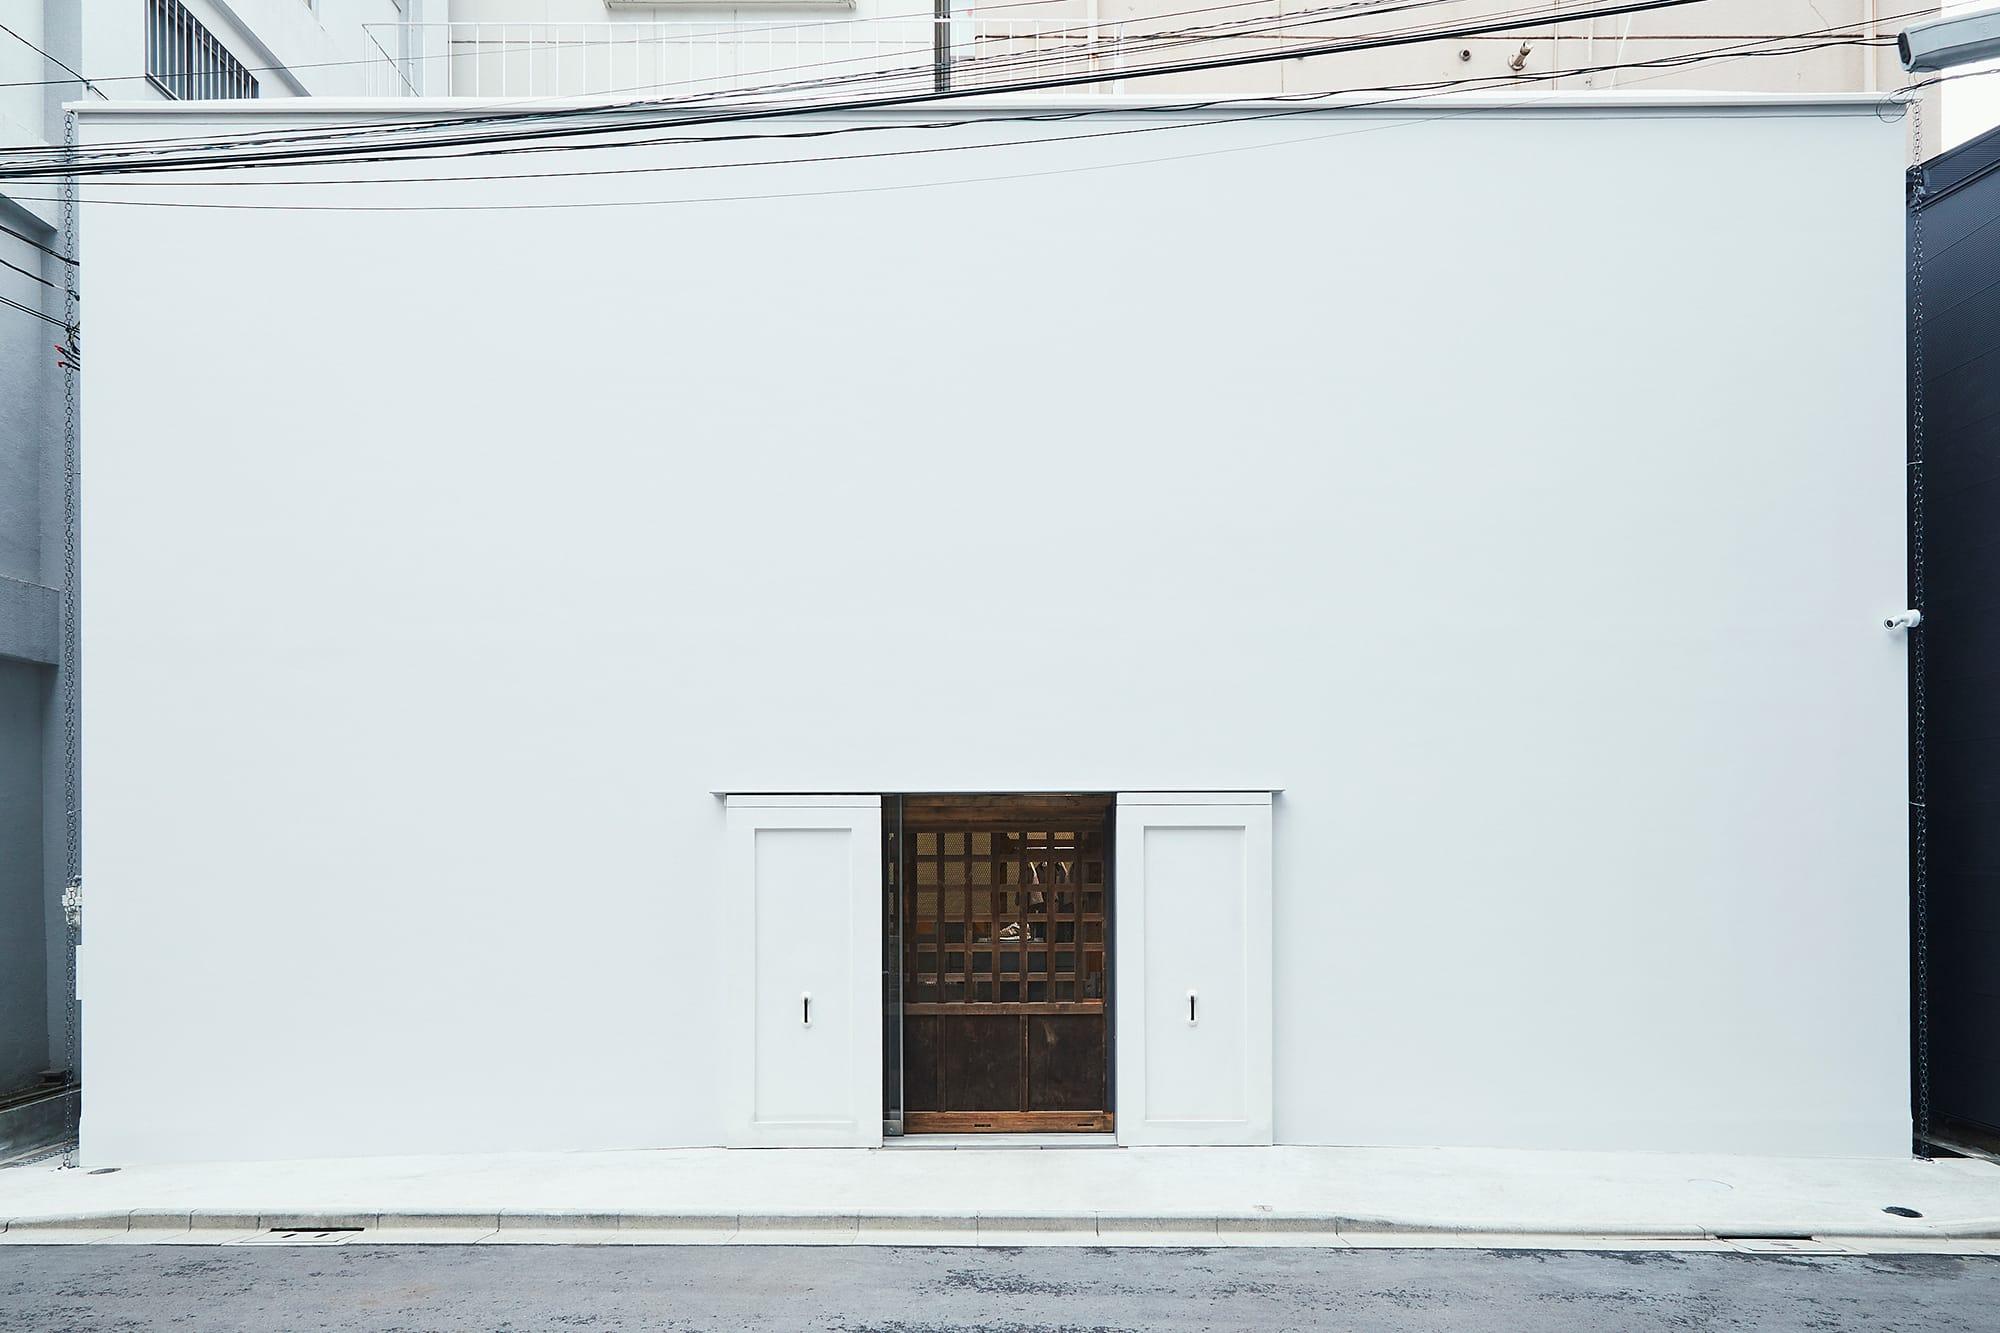 空間は、川越に残されていた築122年の日本の伝統的な蔵を移動し、鉄骨の新しい建築の中に組み直し収めた。